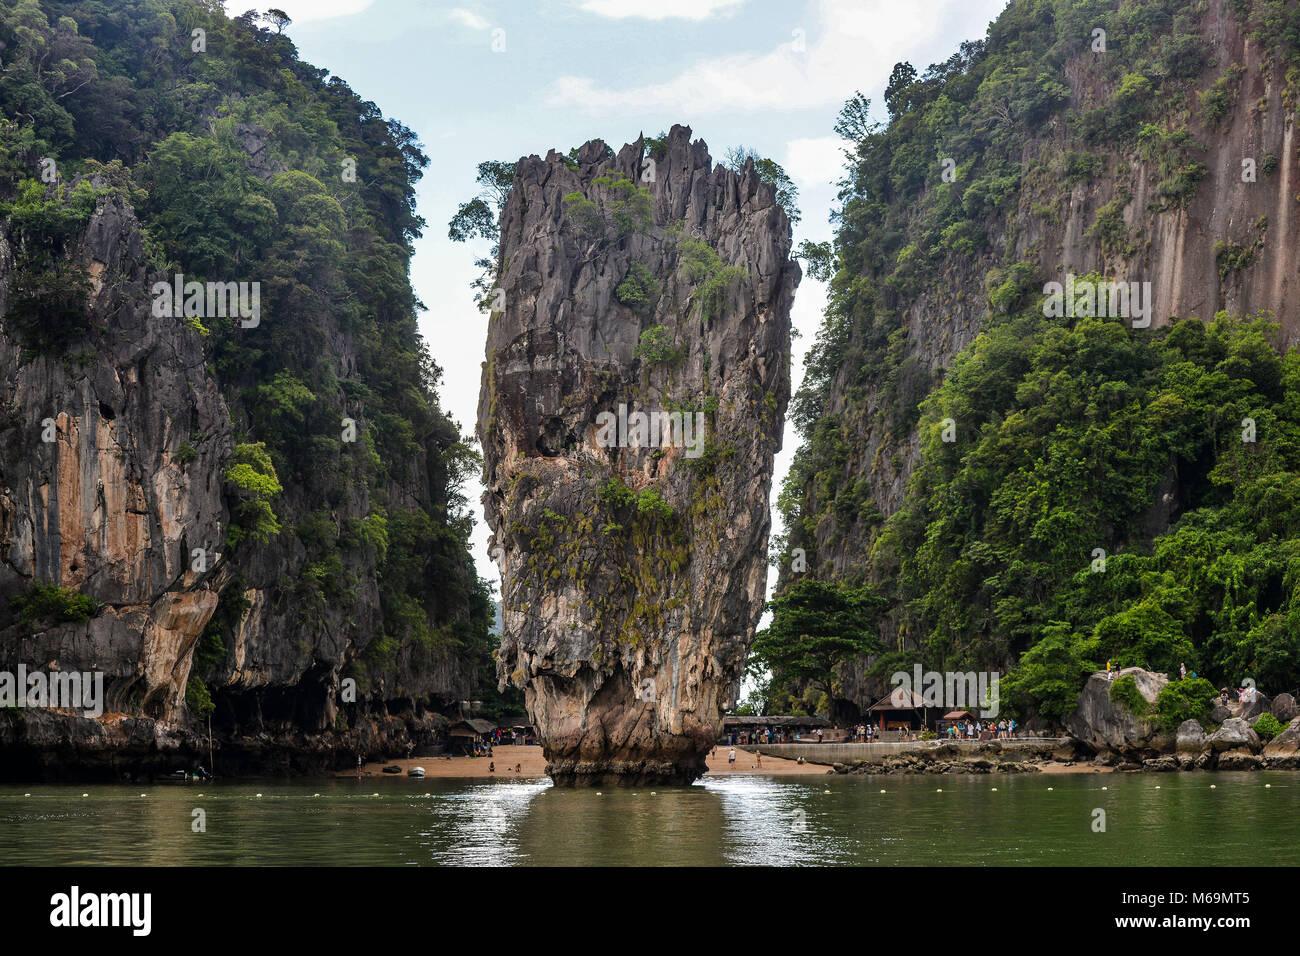 Nice Trip Khaolak Khao Sok Maya Bay James Bond Island